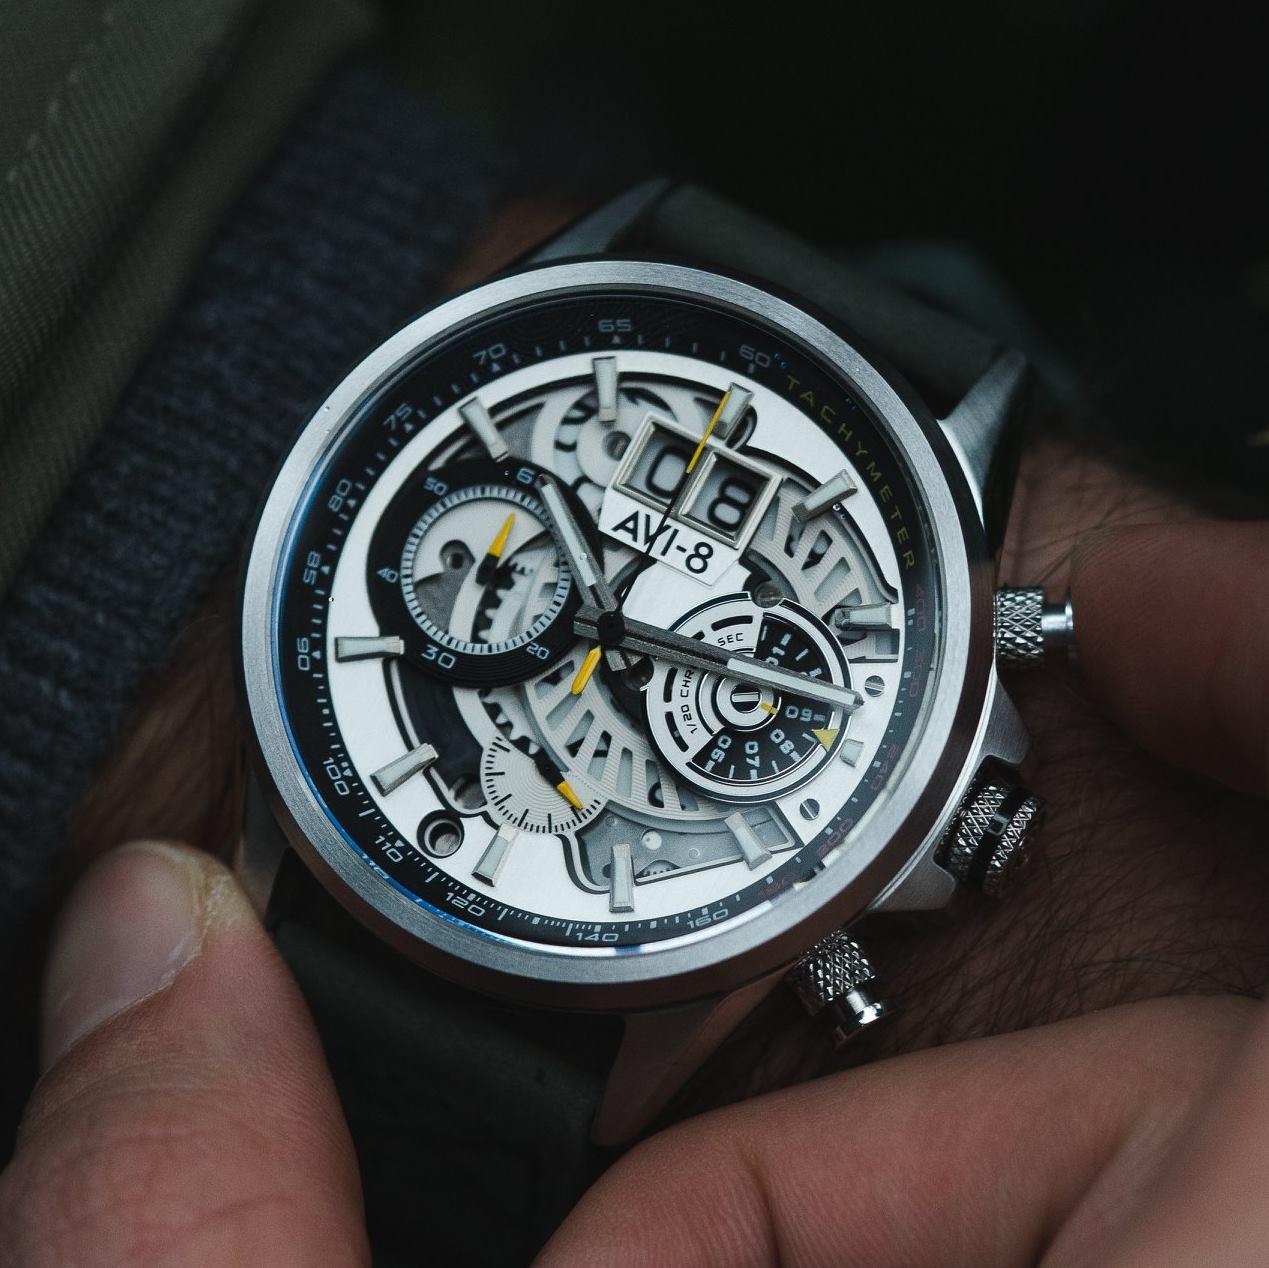 Zegarek męski AVI-8 hawker harrier ii AV-4065-01 - duże 1